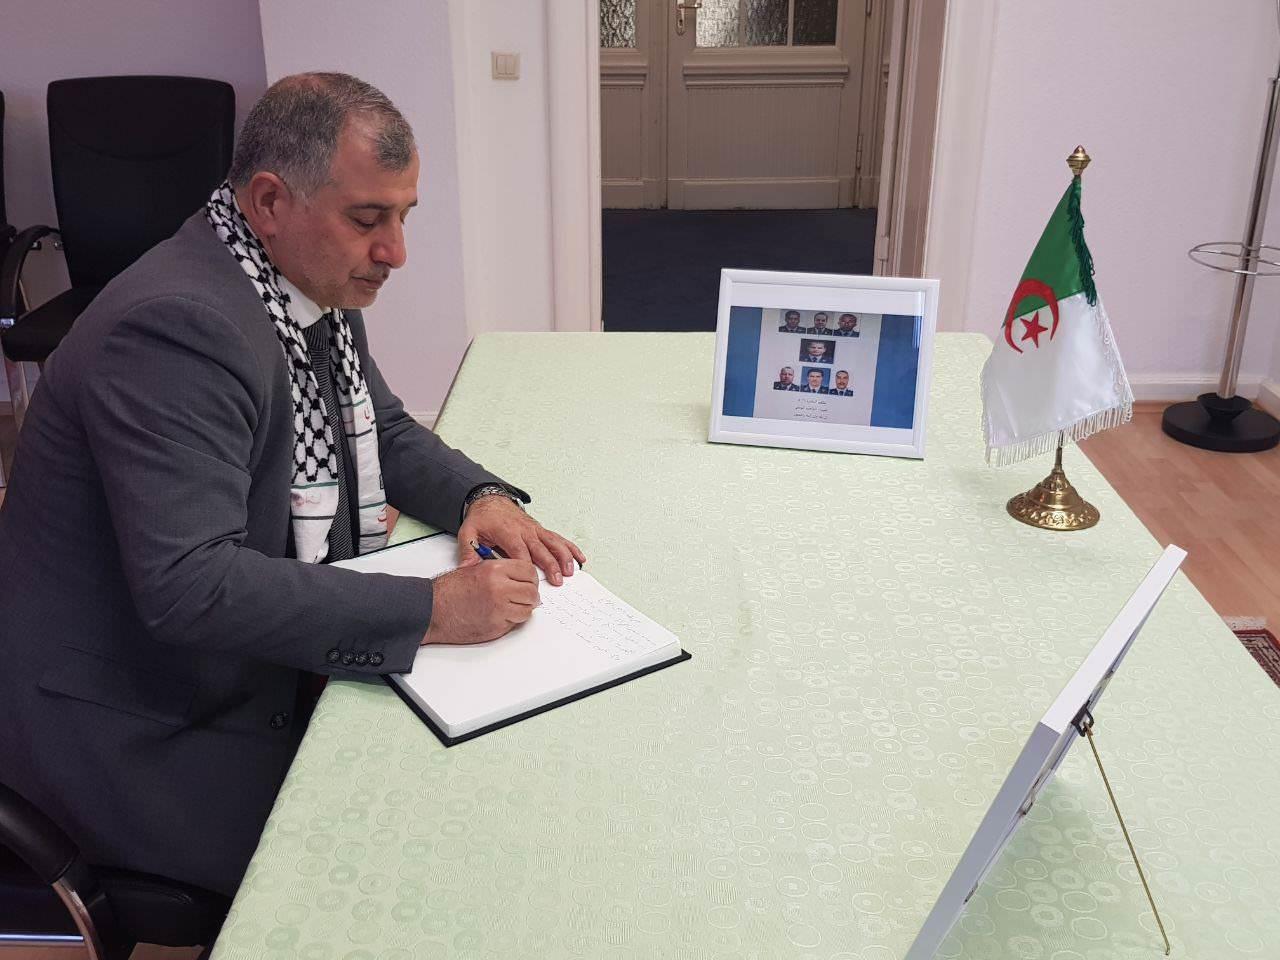 مؤتمر فلسطينيي أوروبا يقدم واجب العزاء بضحايا الطائرة الجزائرية